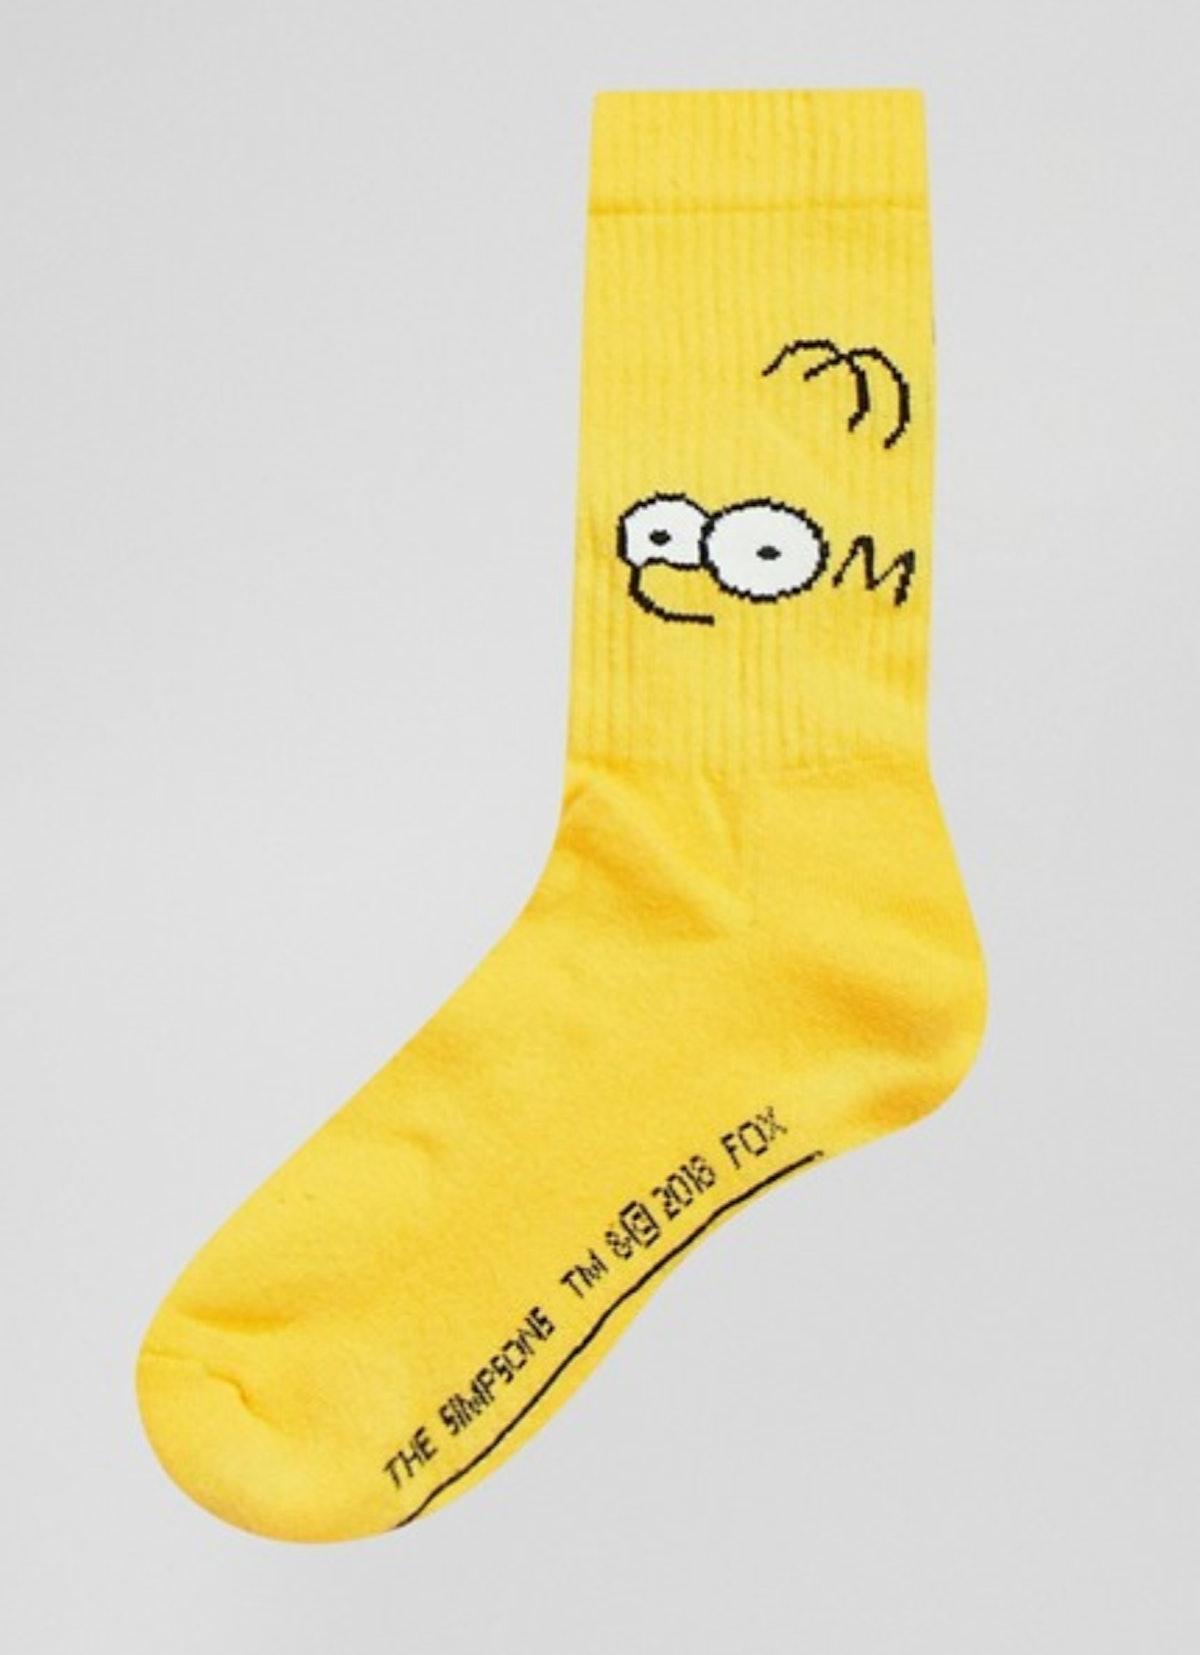 'The Simpsons' x ASOS DESIGN Homer & Bart 2 pack socks